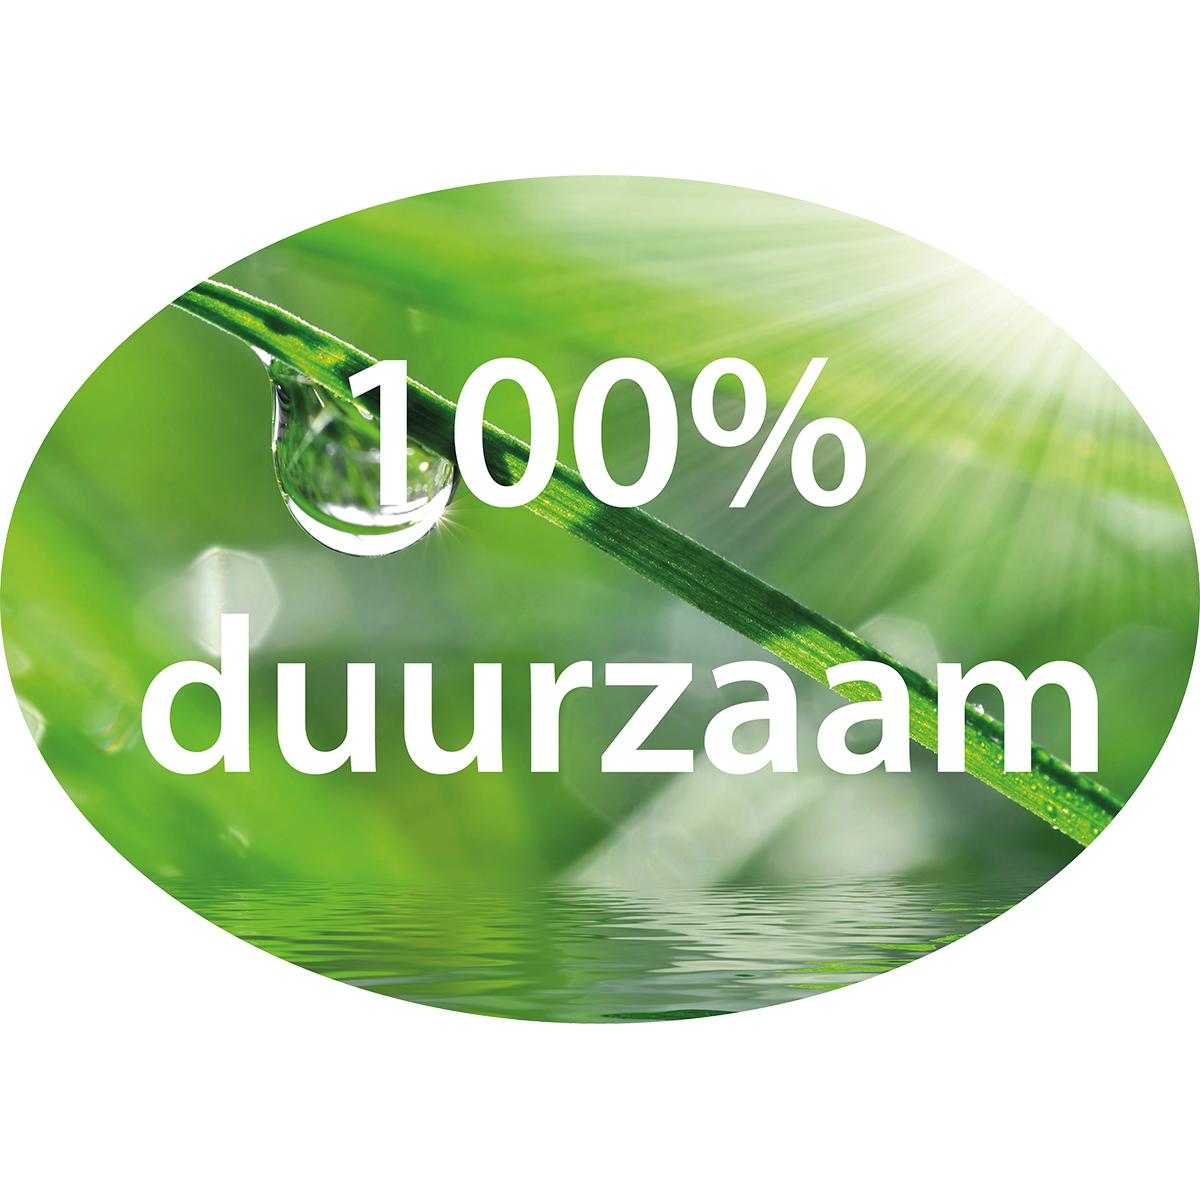 100% duurzaam